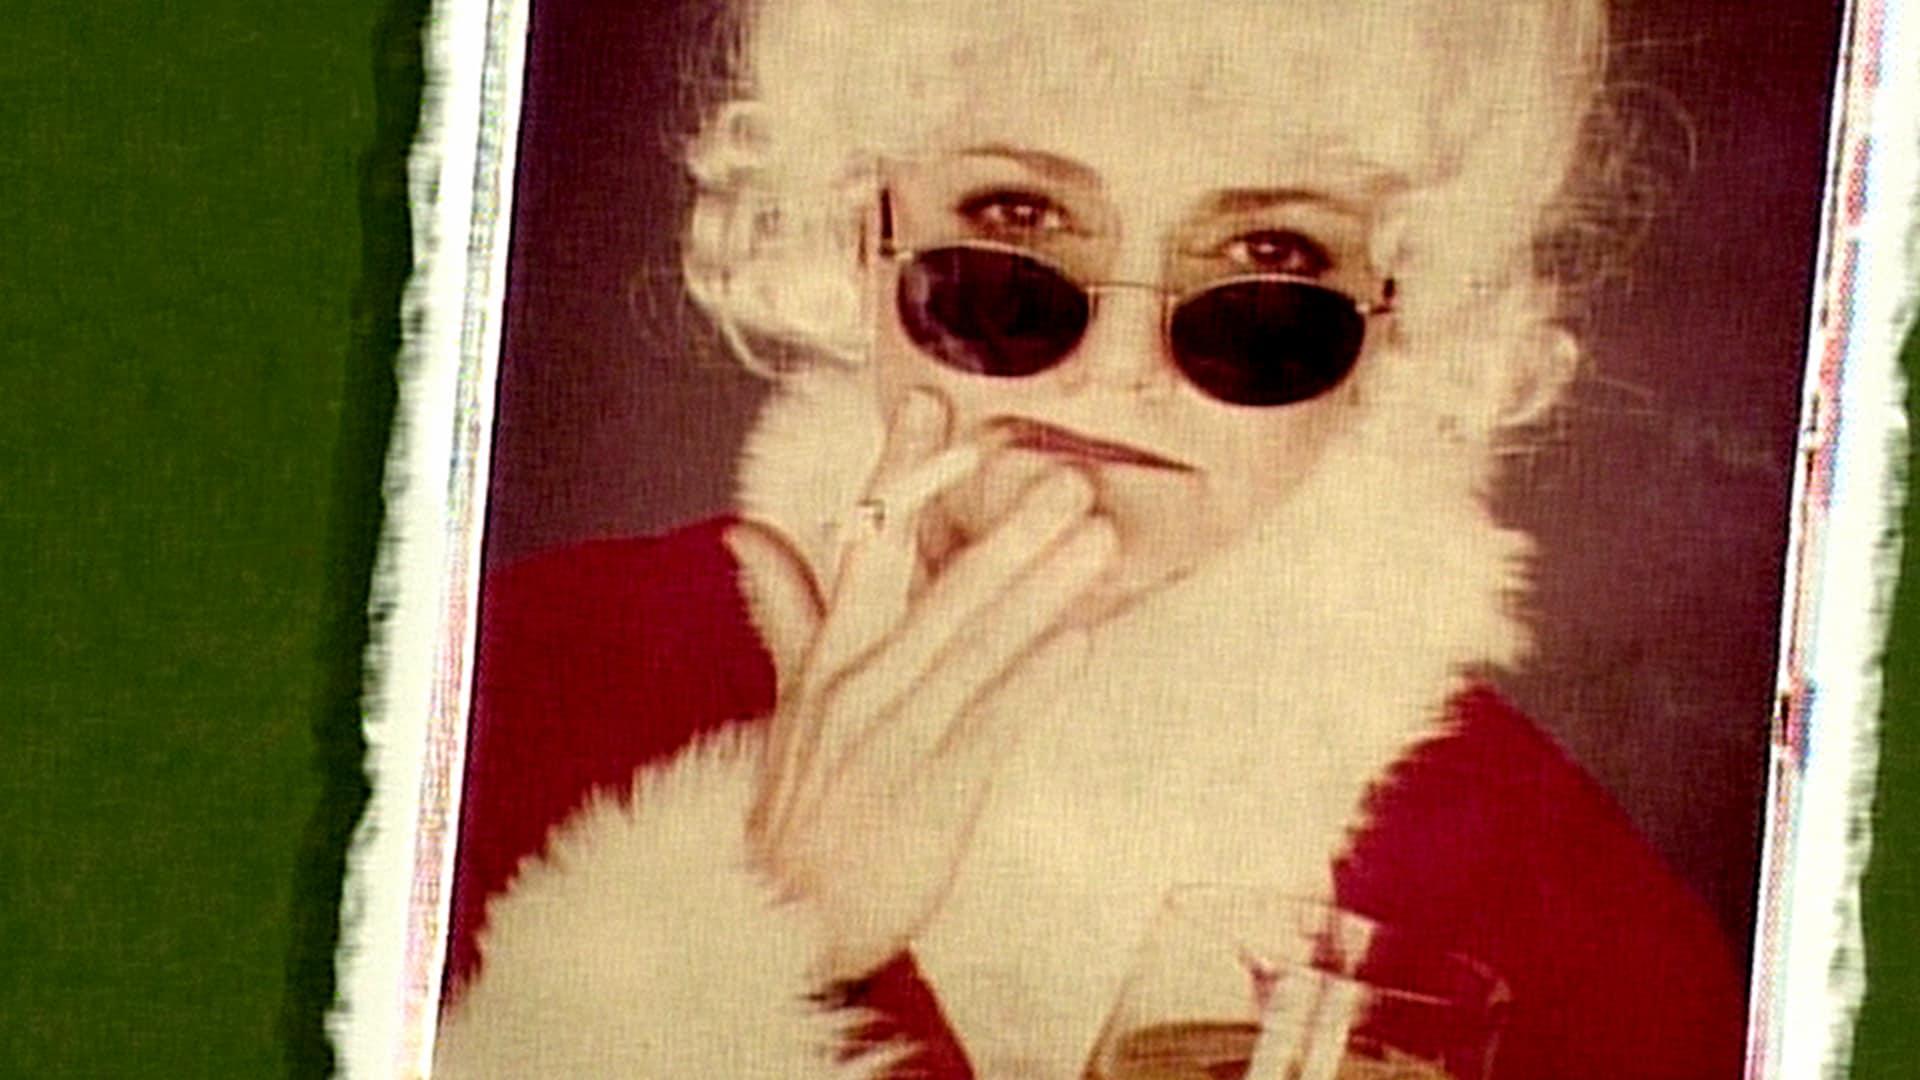 Sally Field: December 11, 1993